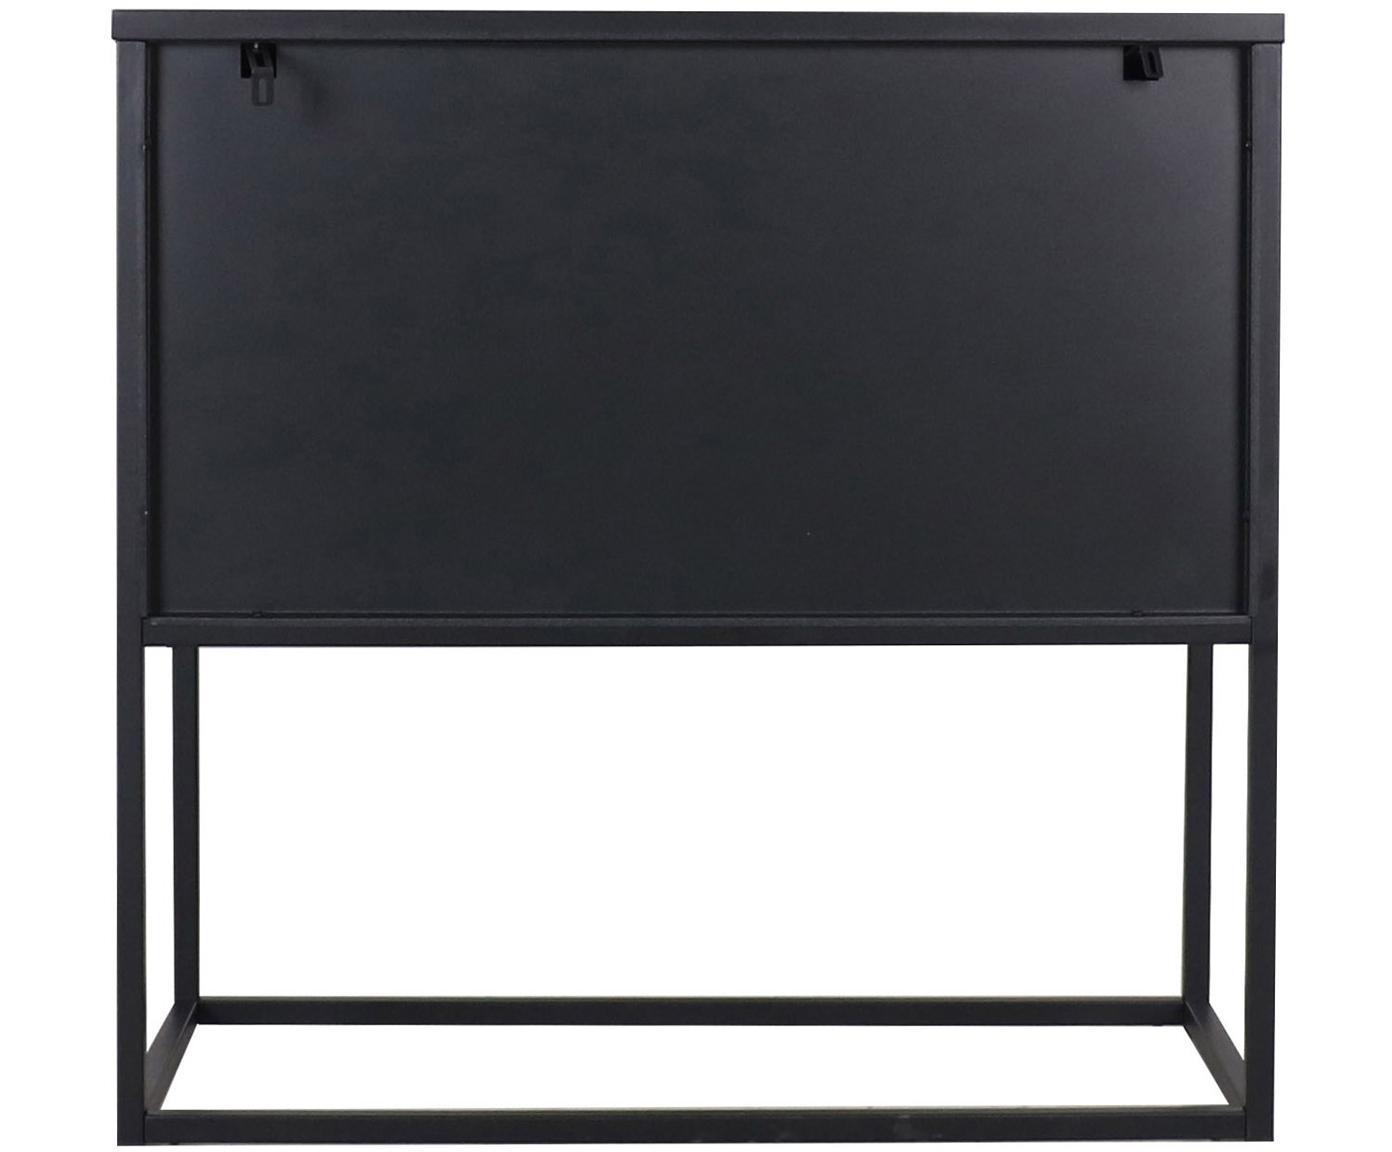 Komoda z metalu Newton, Metal lakierowany, Czarny, S 82 x W 80 cm